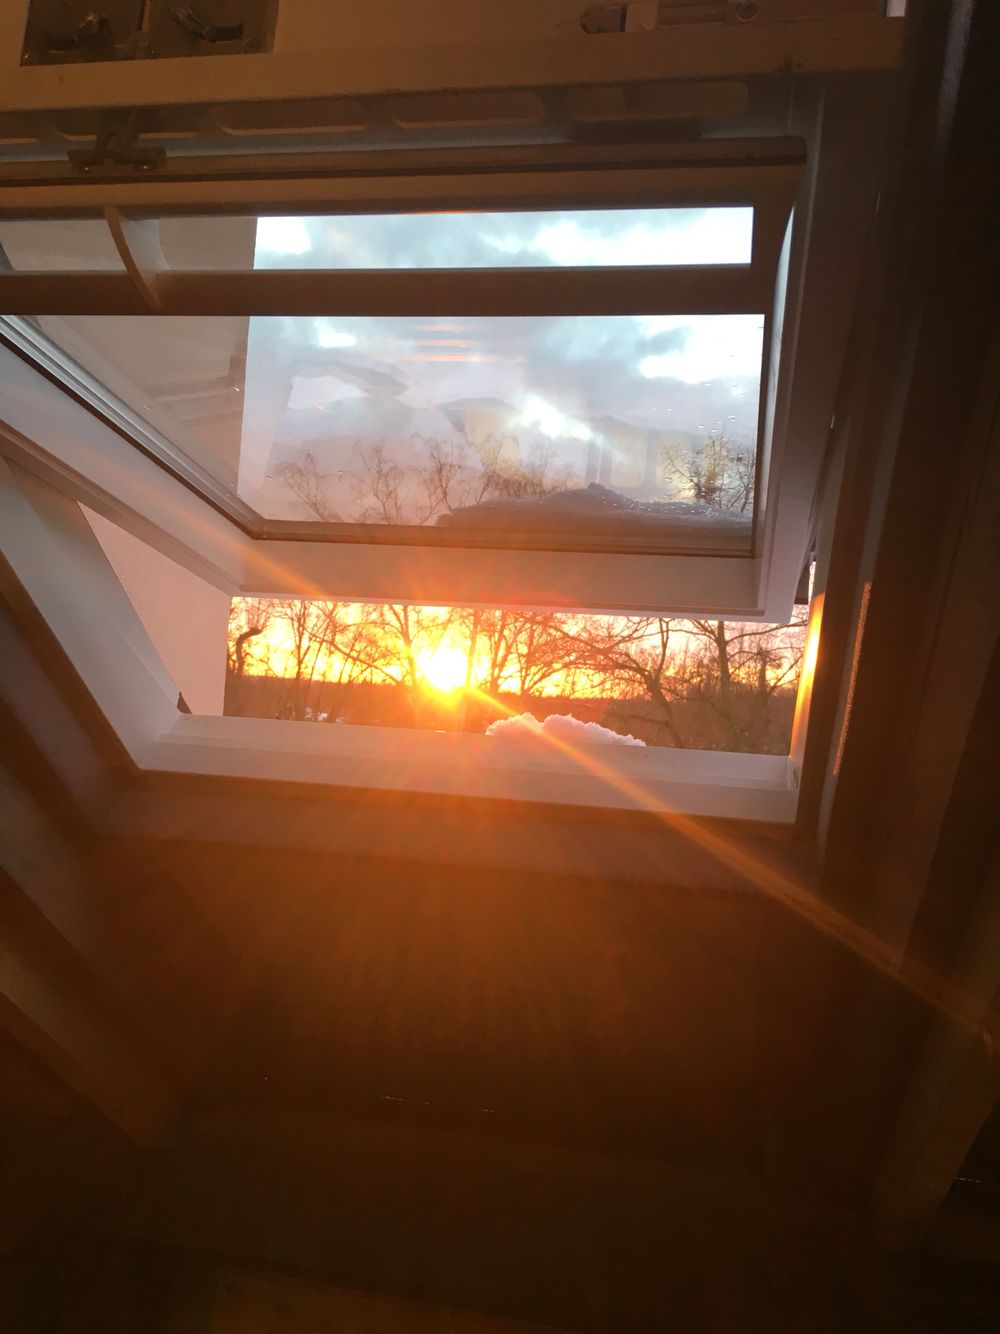 Dachfenster einbauen altbau  Dachfenster einbauen #dachfenster #altbau | Dachausbau | Pinterest ...